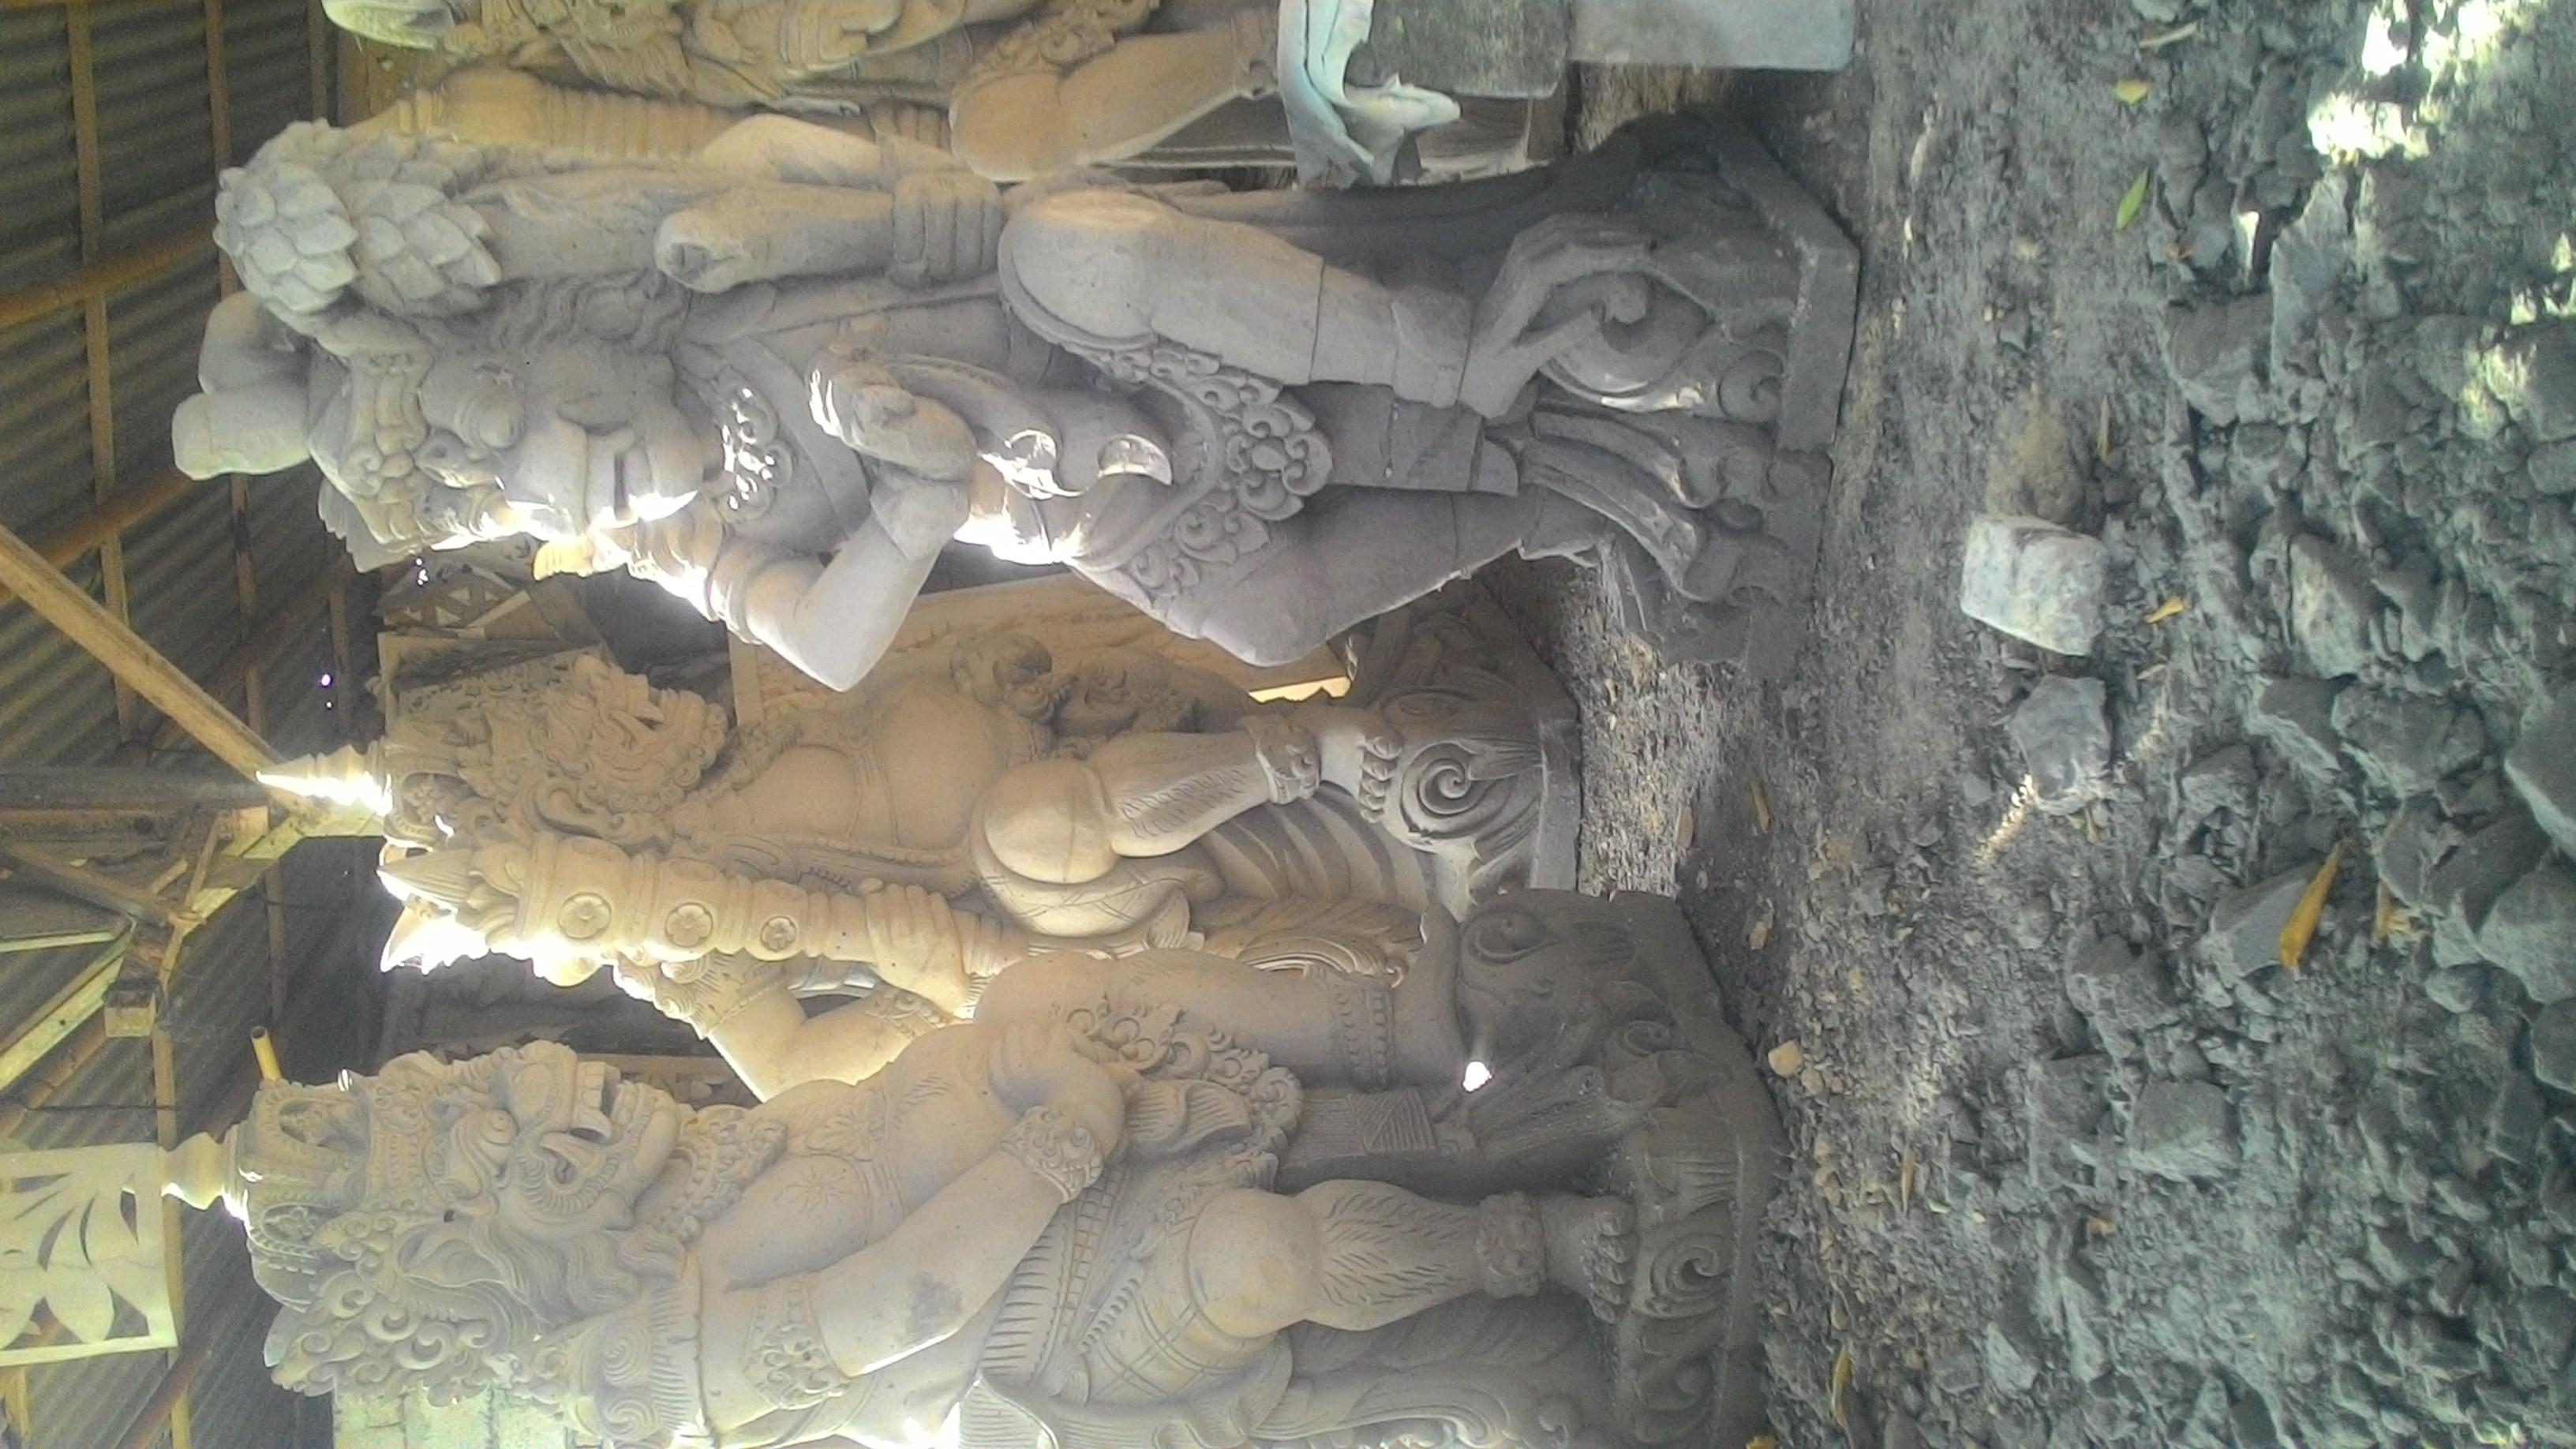 Harga ukiran paras bali motif patung raksasa.